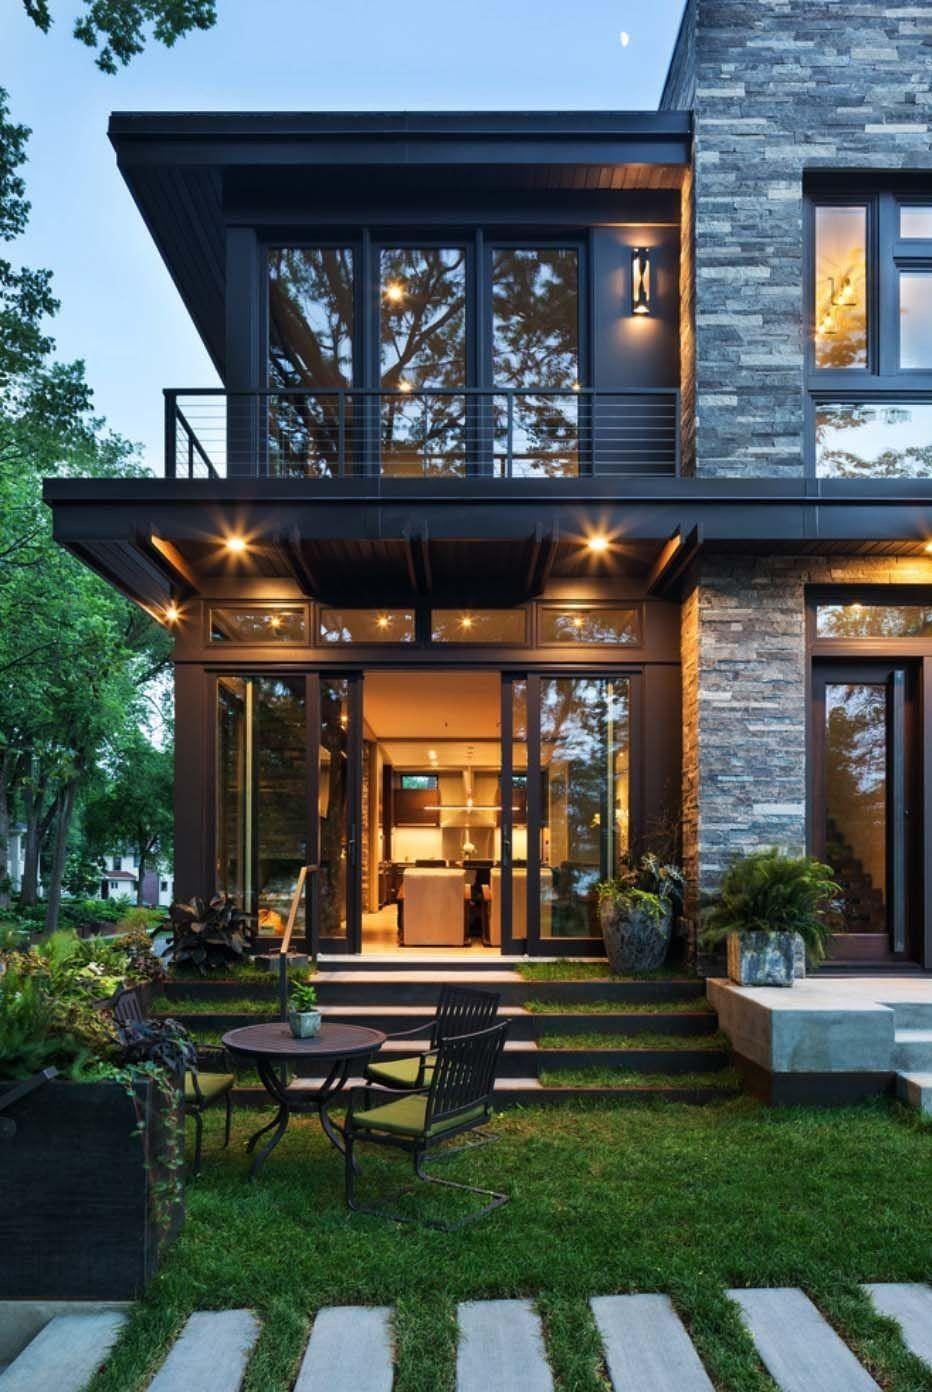 Casa Moderna Diseno Exterior Casas De Lujo Casas Rusticas Modernas Fachada De Casa